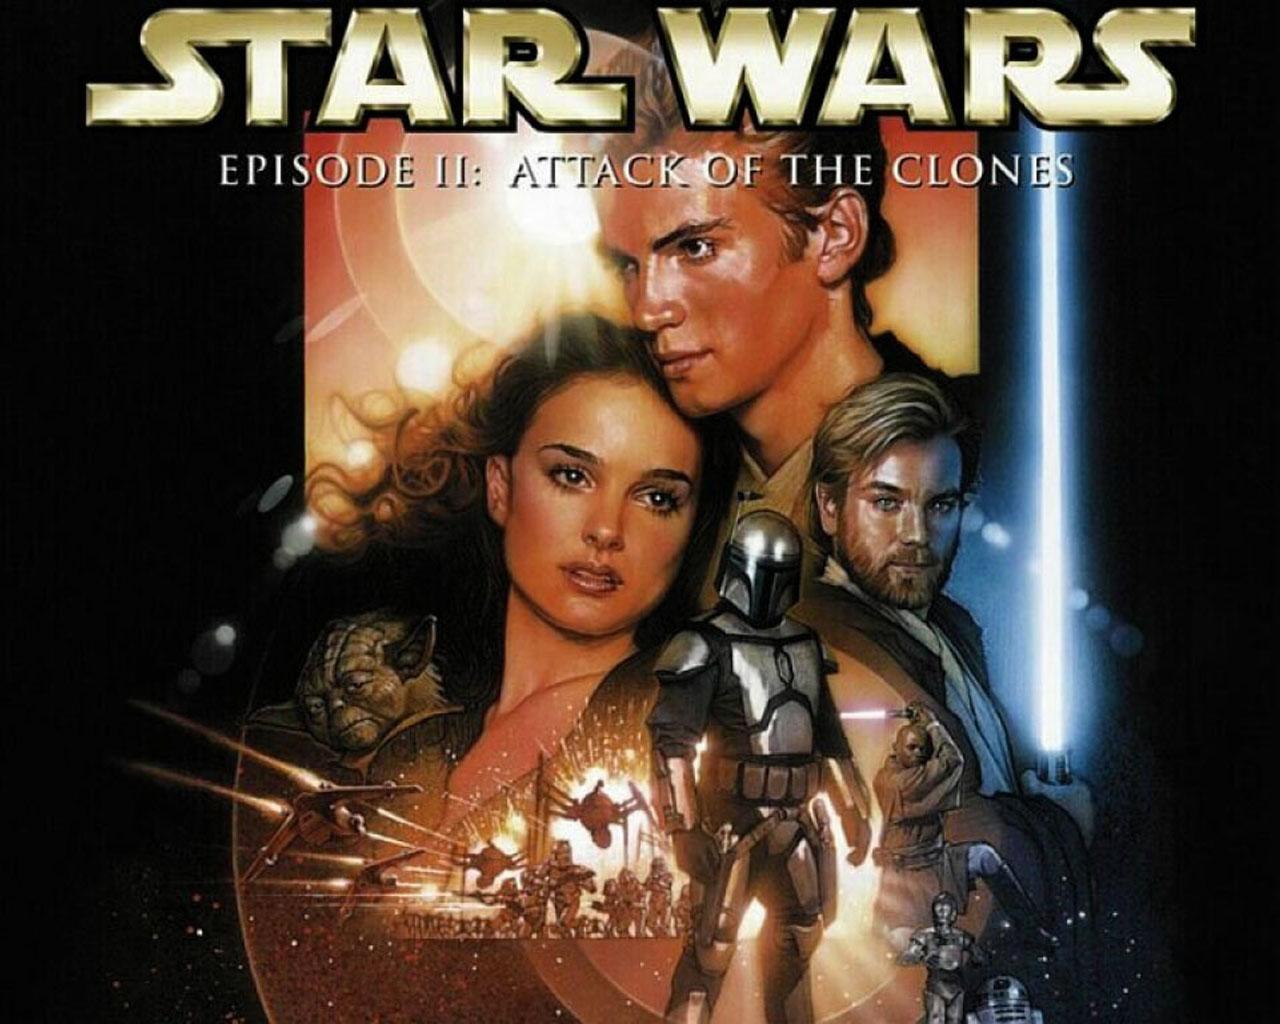 http://1.bp.blogspot.com/-s2juiaTMBhA/TfMGWEpmY-I/AAAAAAAAAIA/EJ20hDZ7eZA/s1600/star-wars-attack-of-the-clones.jpg